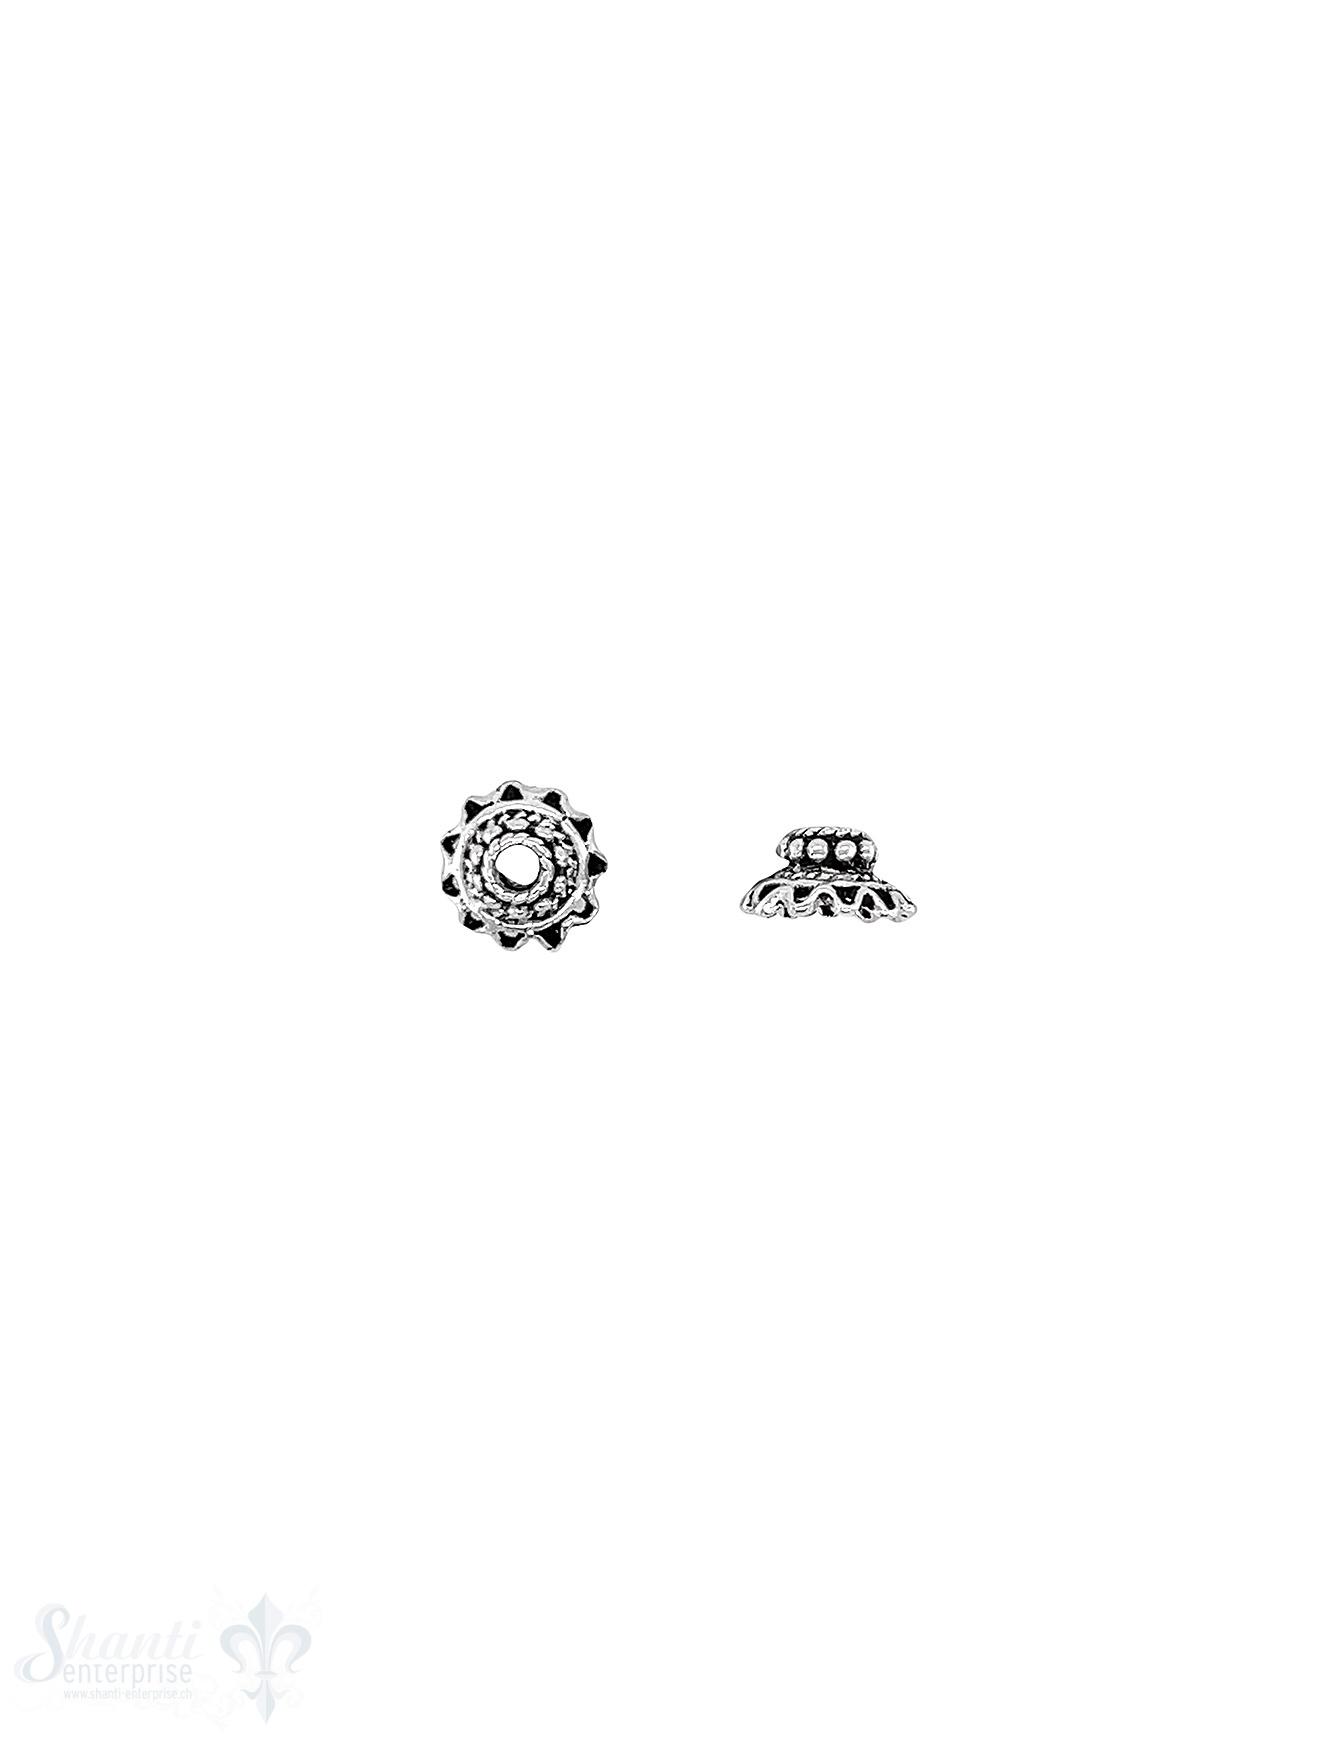 Blumen Perlkappe 8,5x4,5 mm reich verziert gezackt